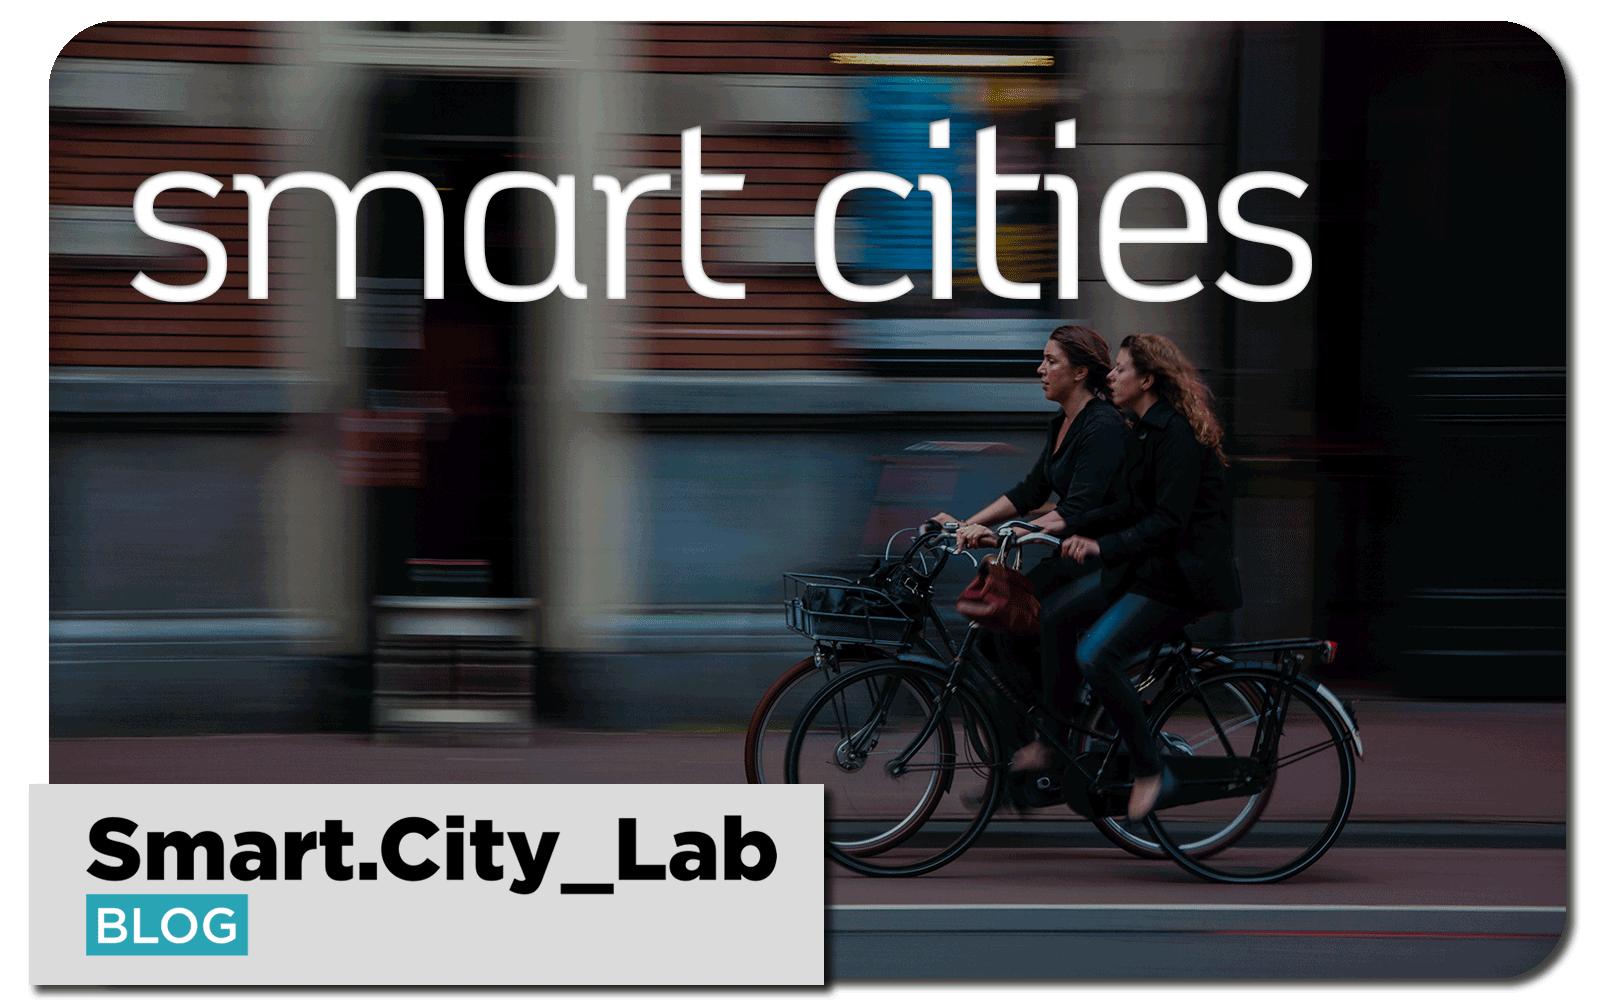 redaccion-profesional-articulos-smart-cities-ciudades-inteligentes-divulgacion-ensayos